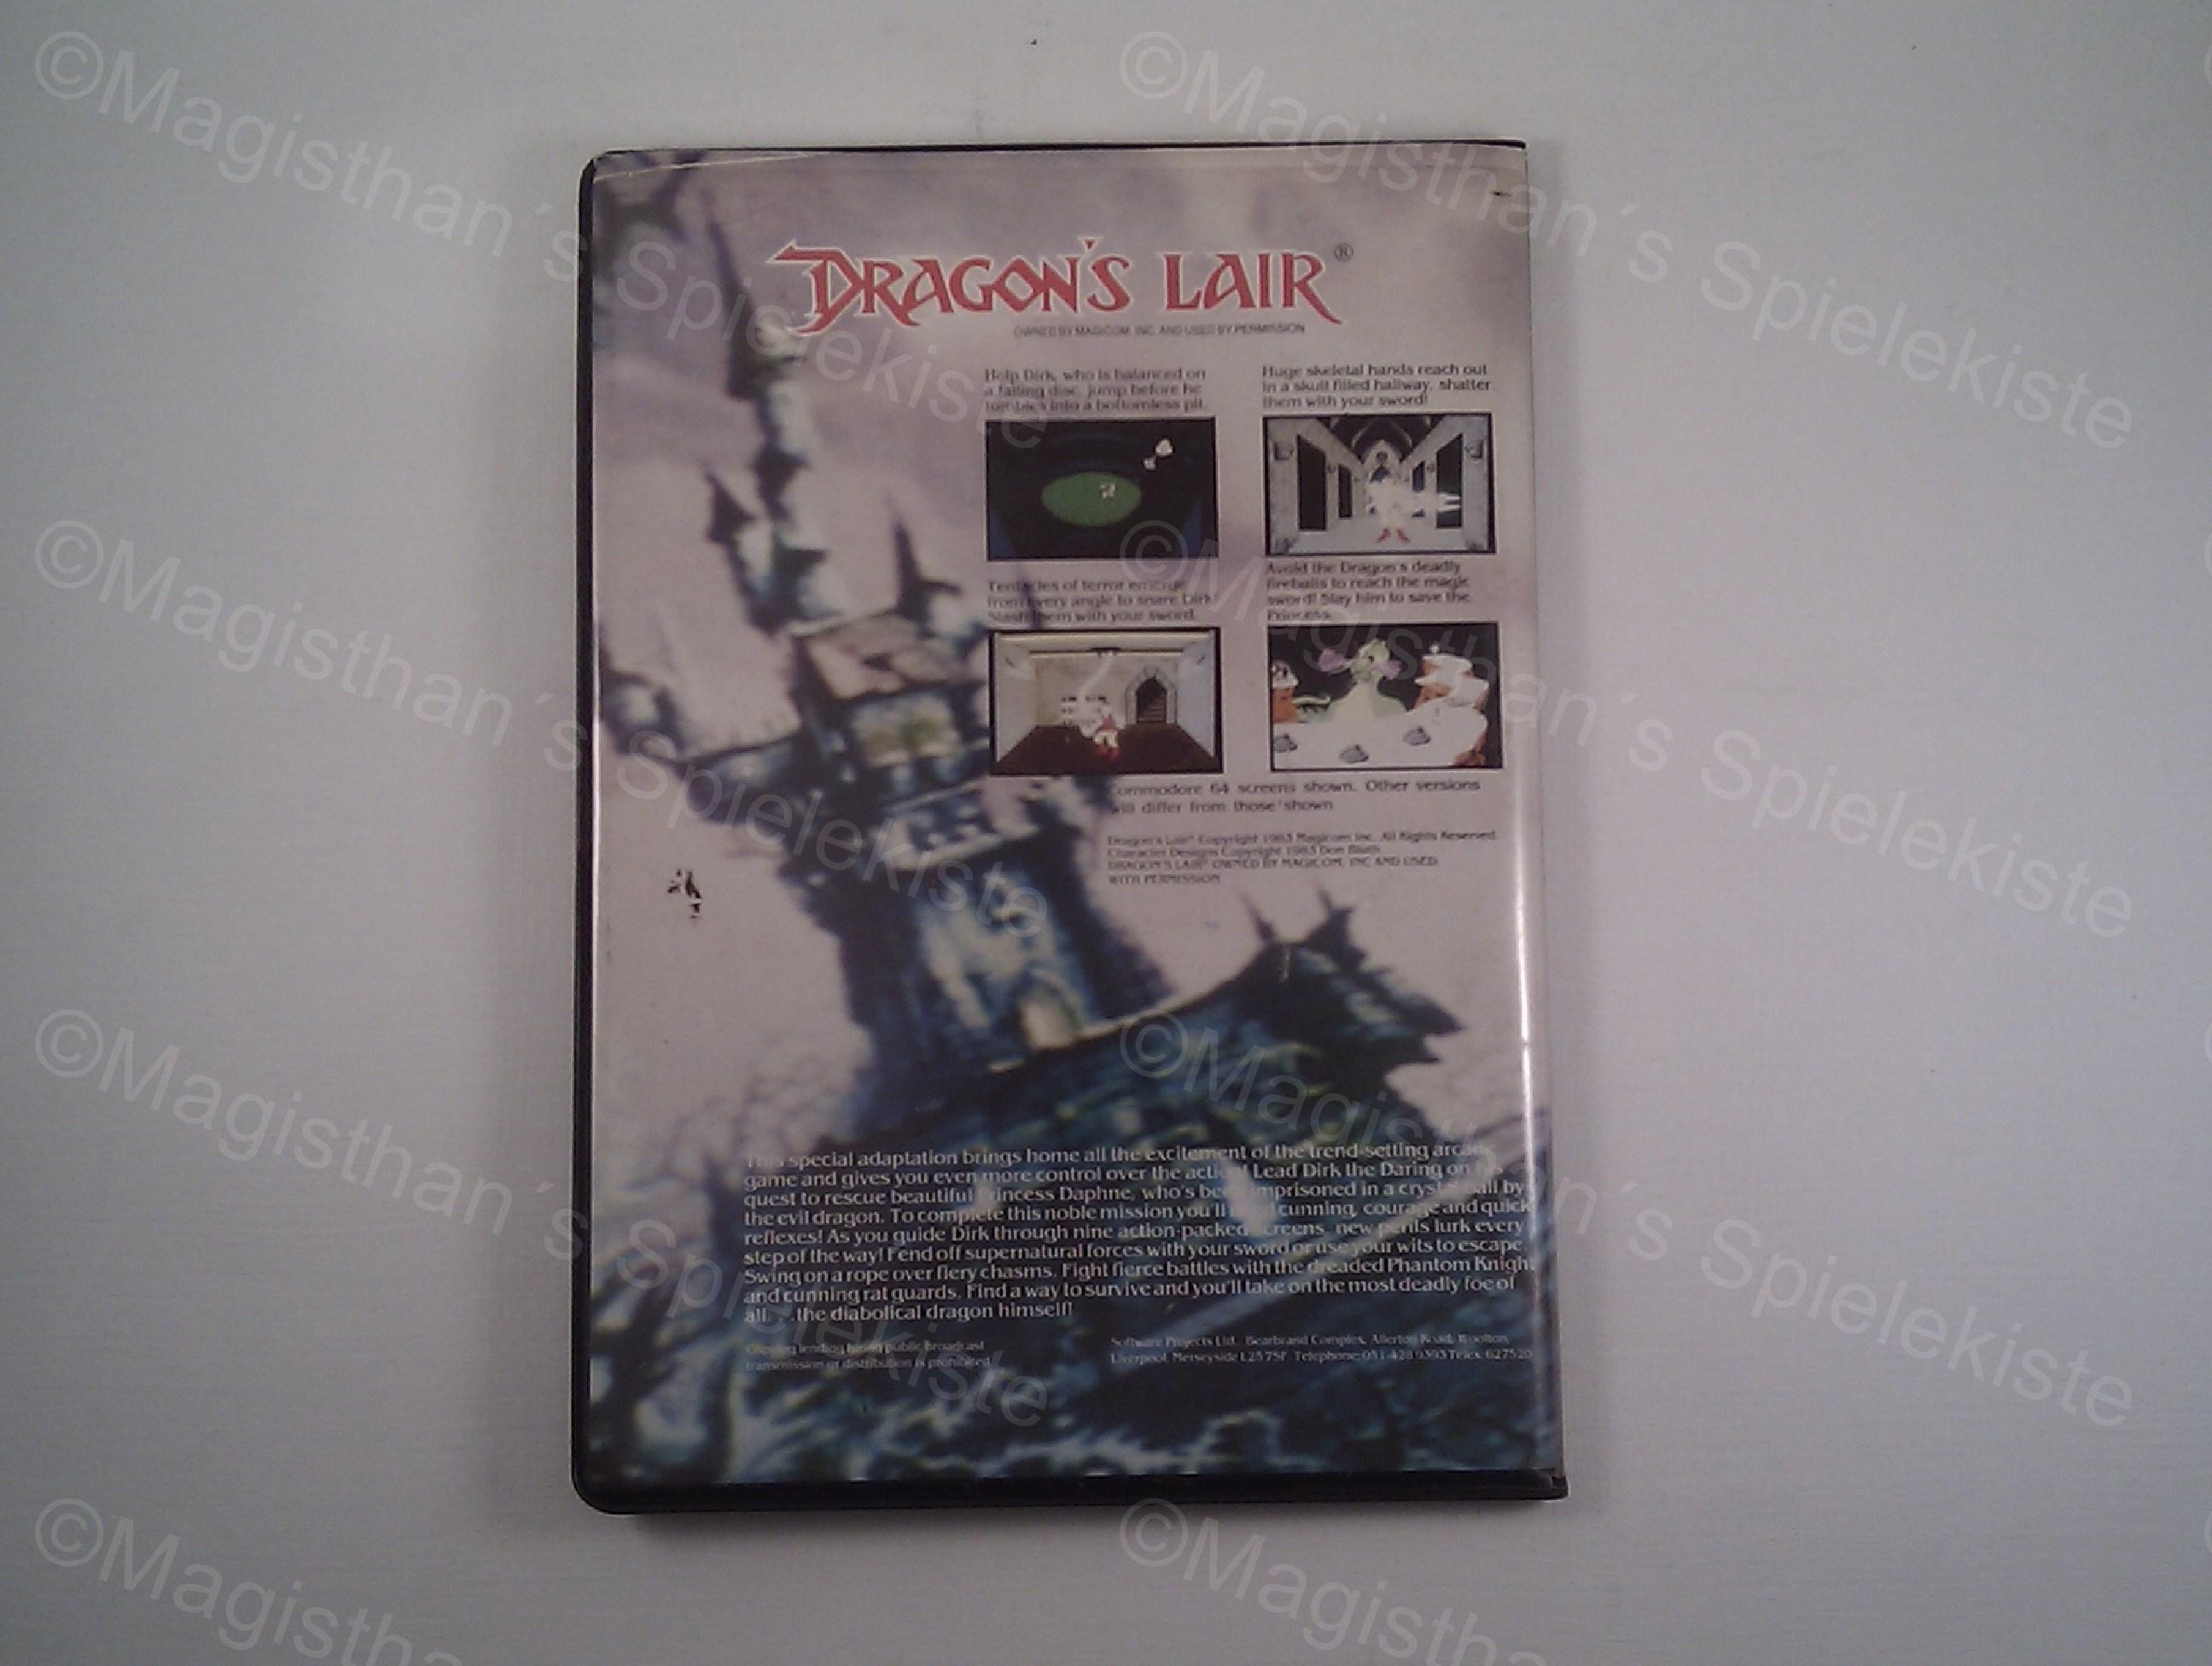 DragonsLairC64back.jpg